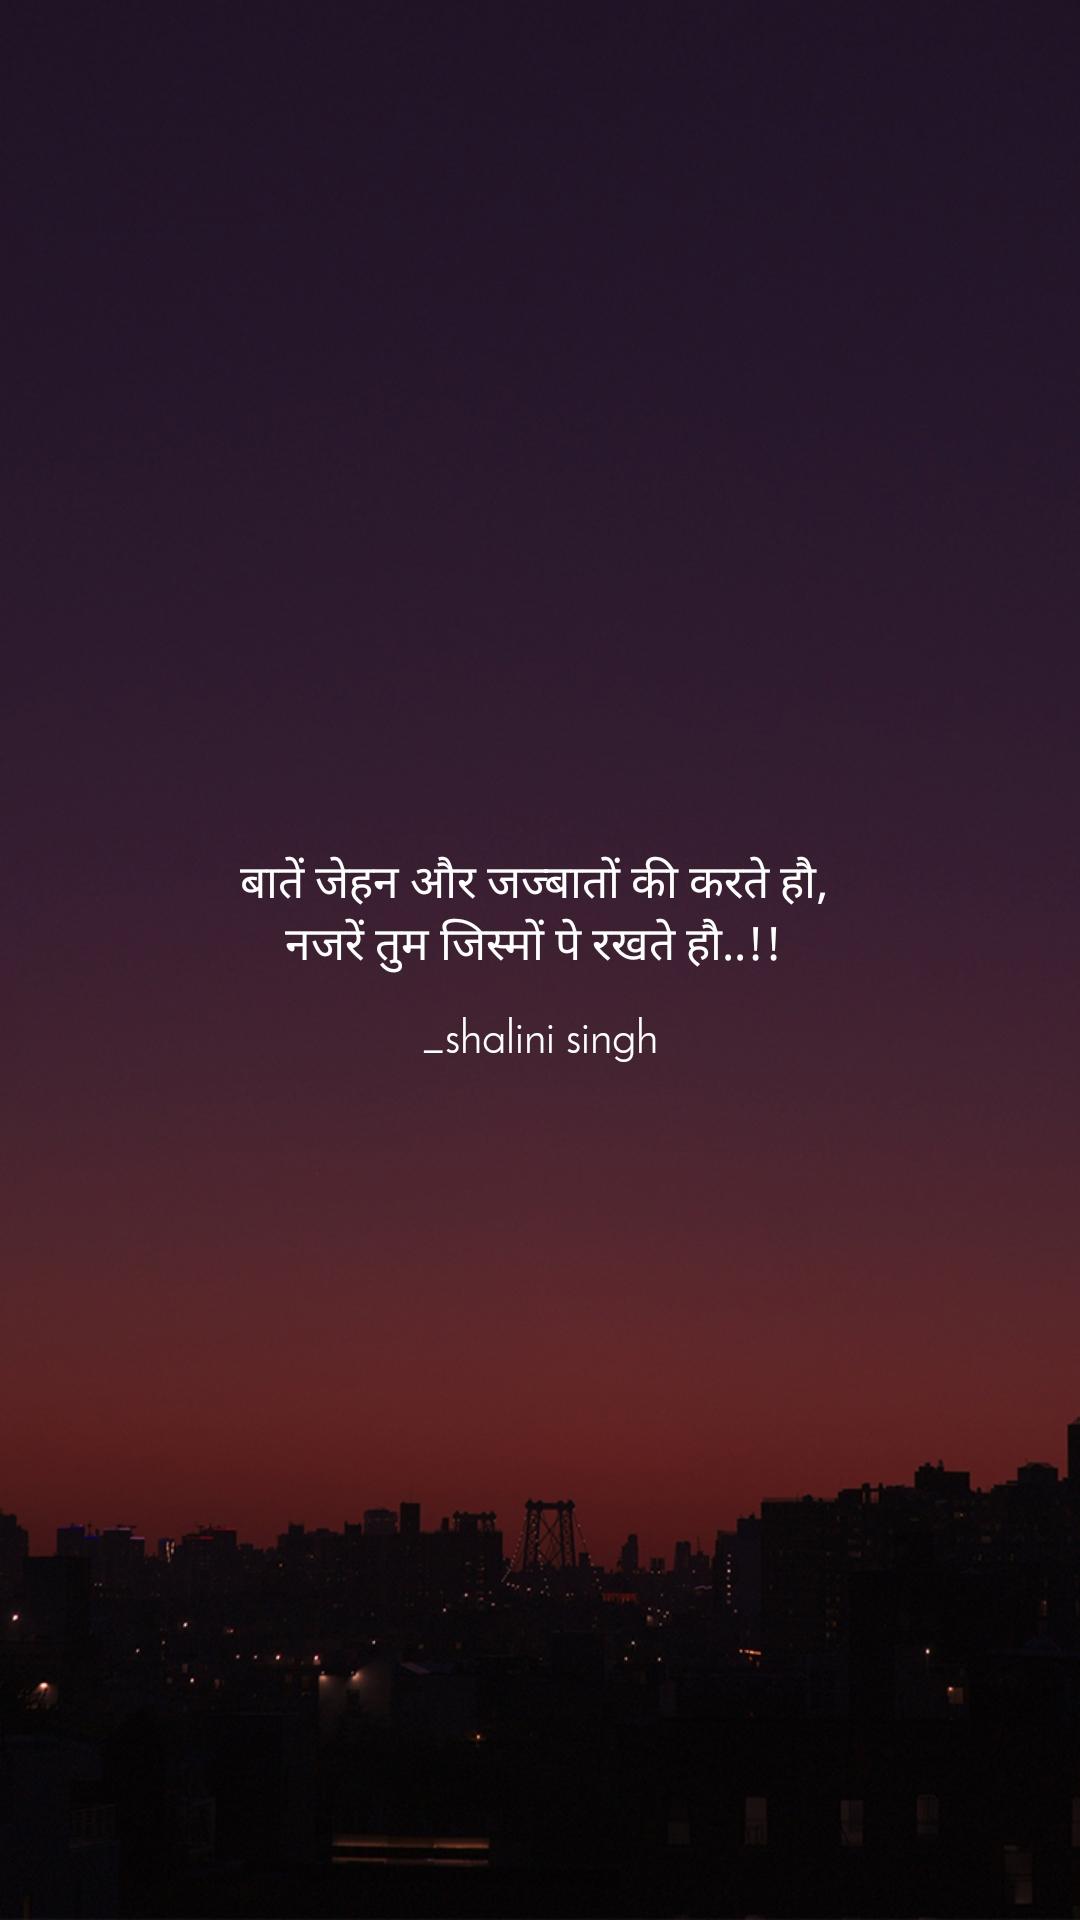 बातें जेहन और जज्बातों की करते हौ,  नजरें तुम जिस्मों पे रखते हौ..!!   _shalini singh